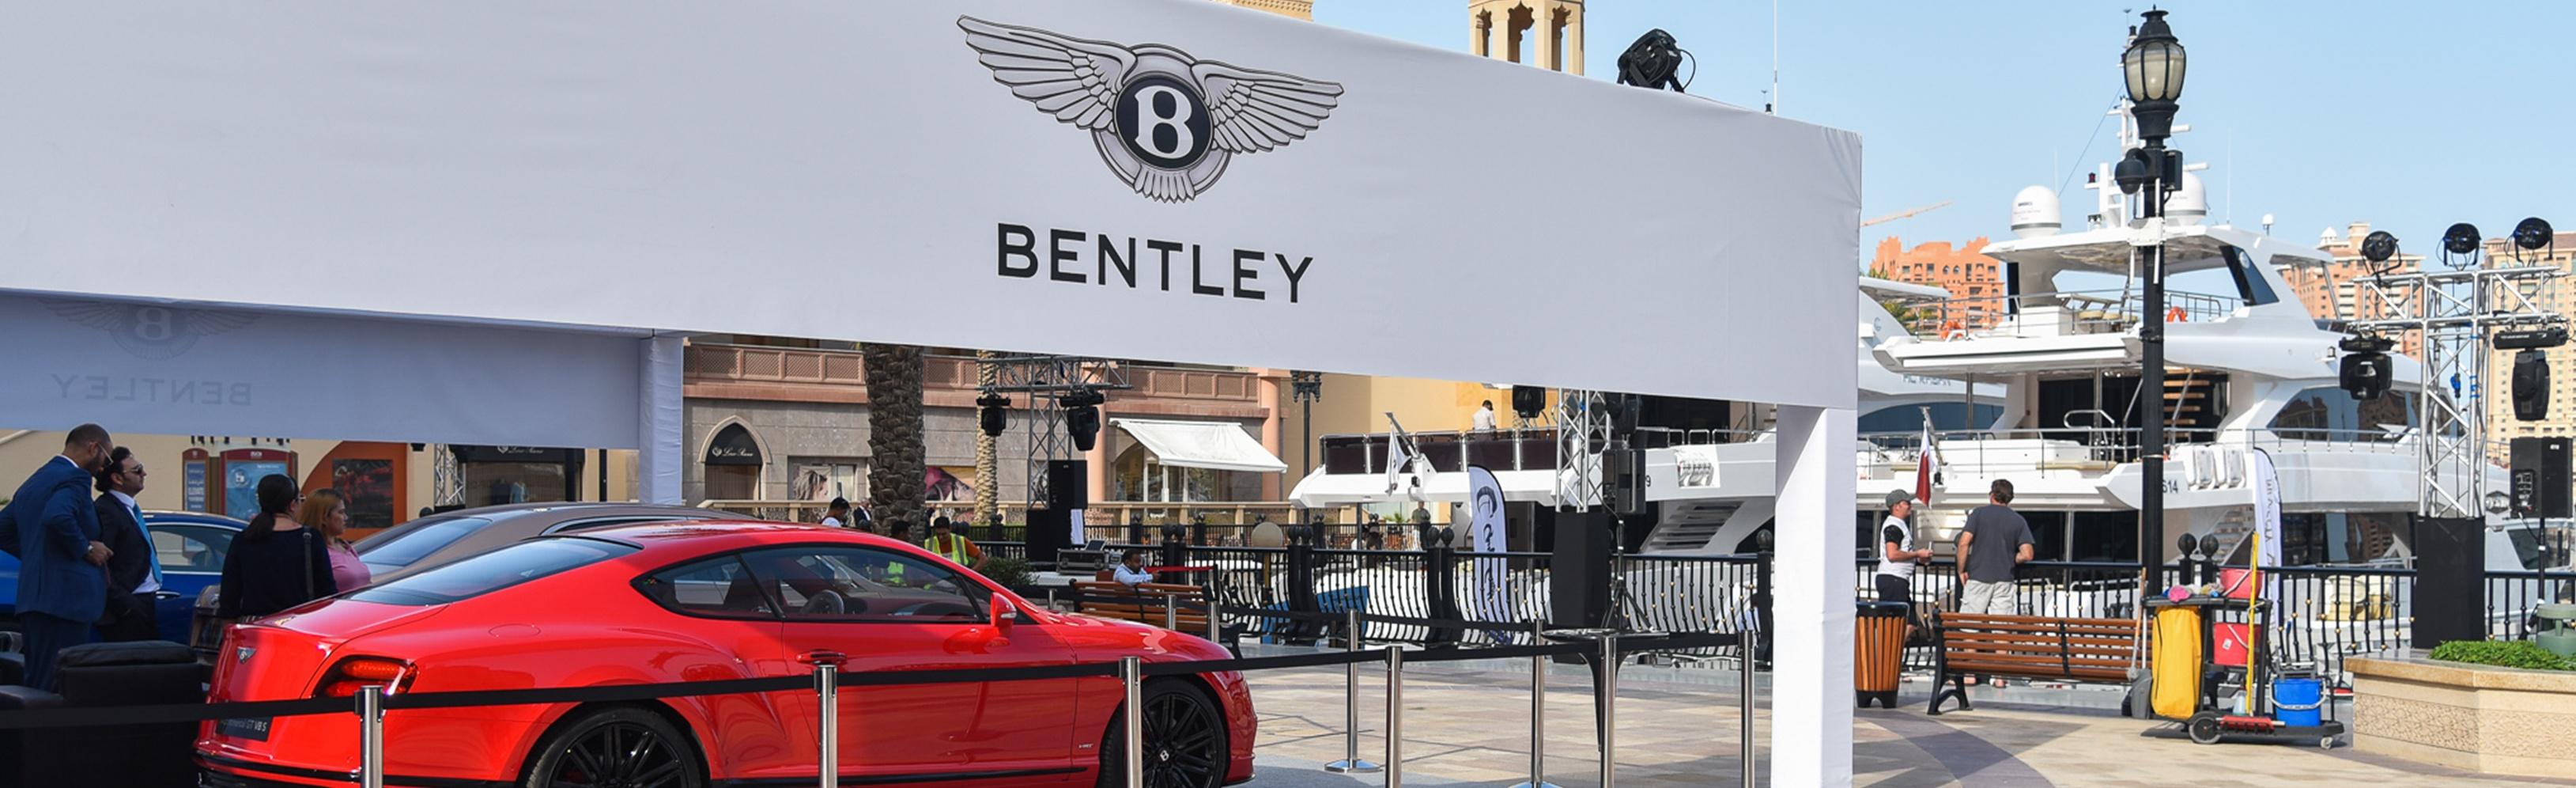 Bentley,-Gulf-Craft-Qatar-Exclusive-Preview.jpg